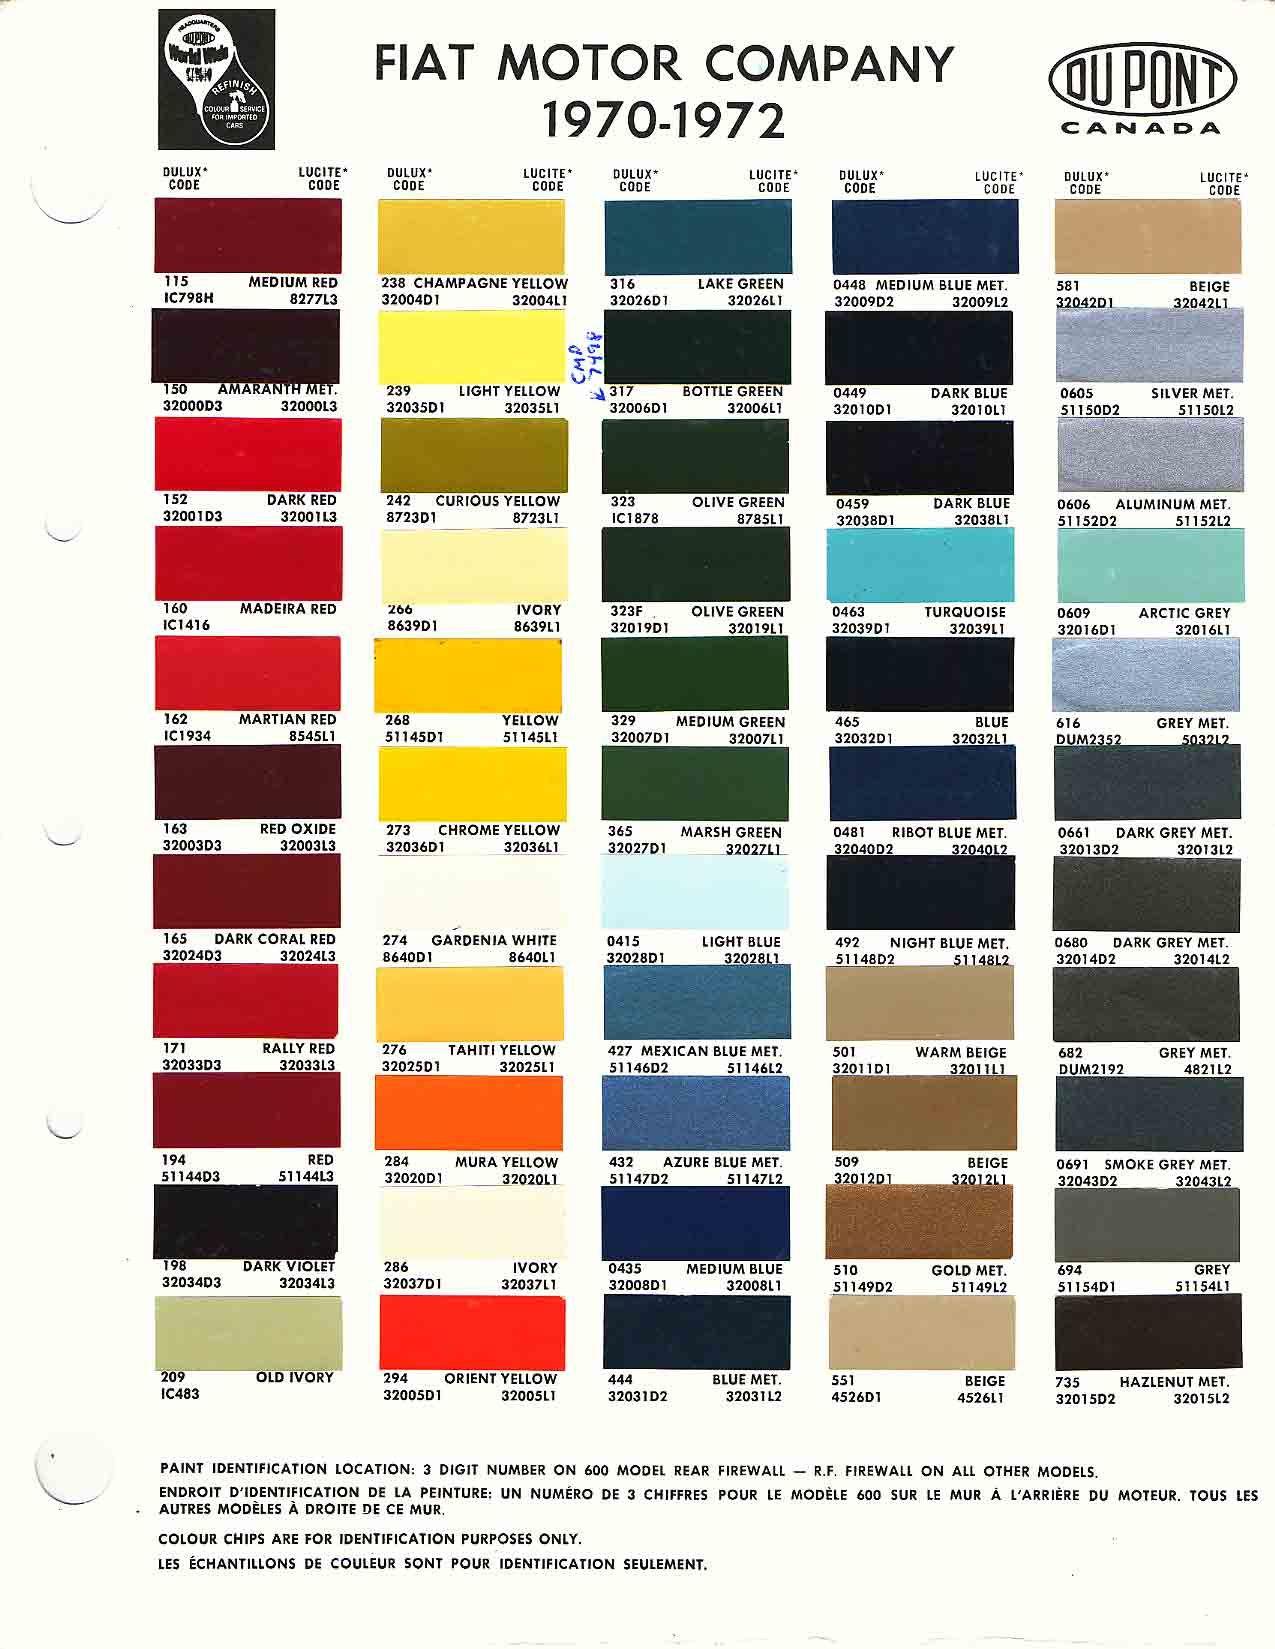 Car Paint Codes Fiat